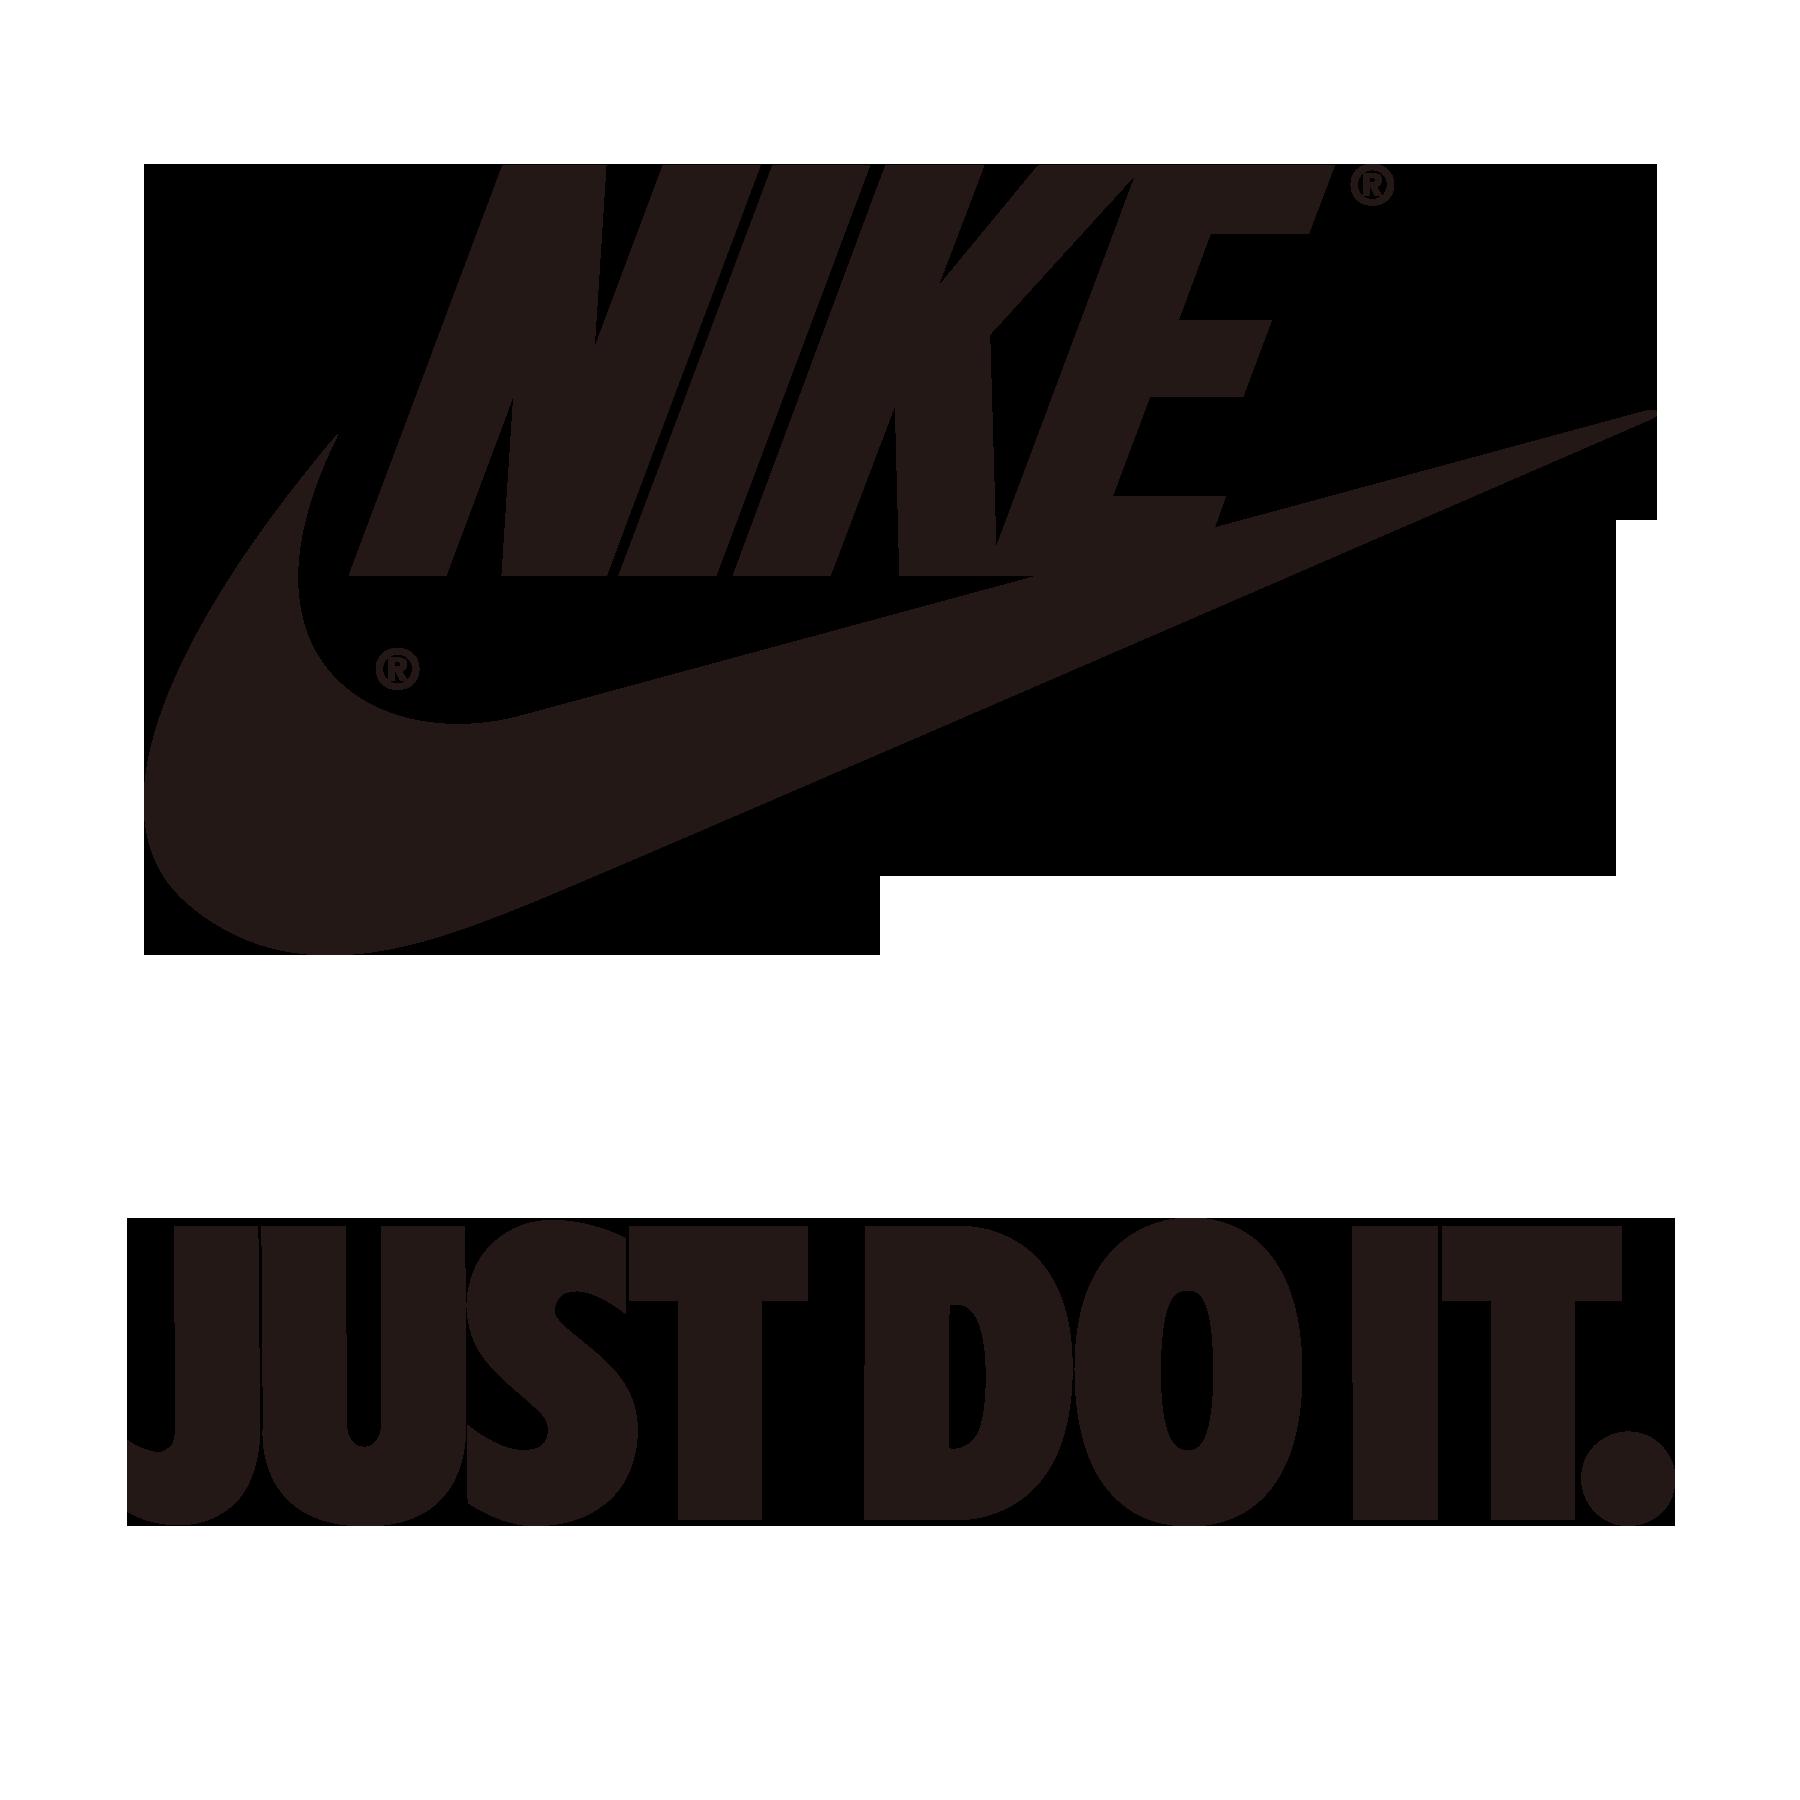 nike logo icon off 65% - bonyadroudaki.com - Nike Logo Design